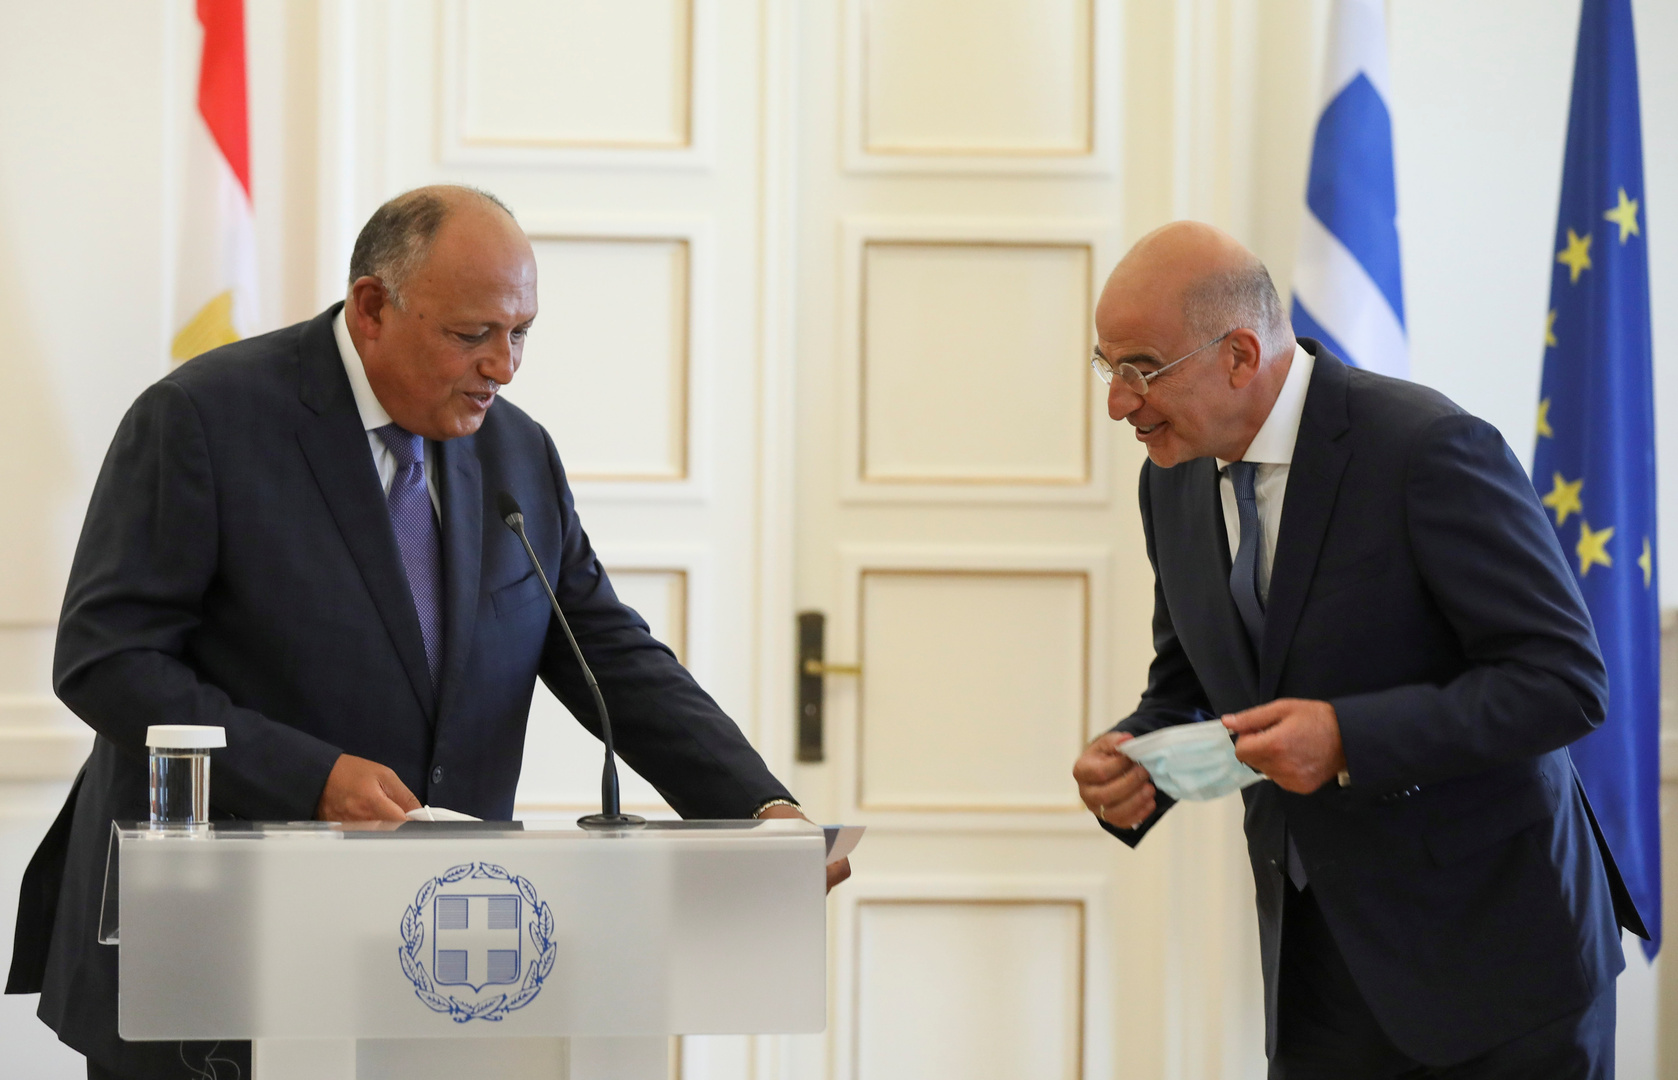 مصر تصدر بيانا بشأن التصرفات شرق المتوسط وتطورات الاتفاق الإسرائيلي مع الإمارات والبحرين